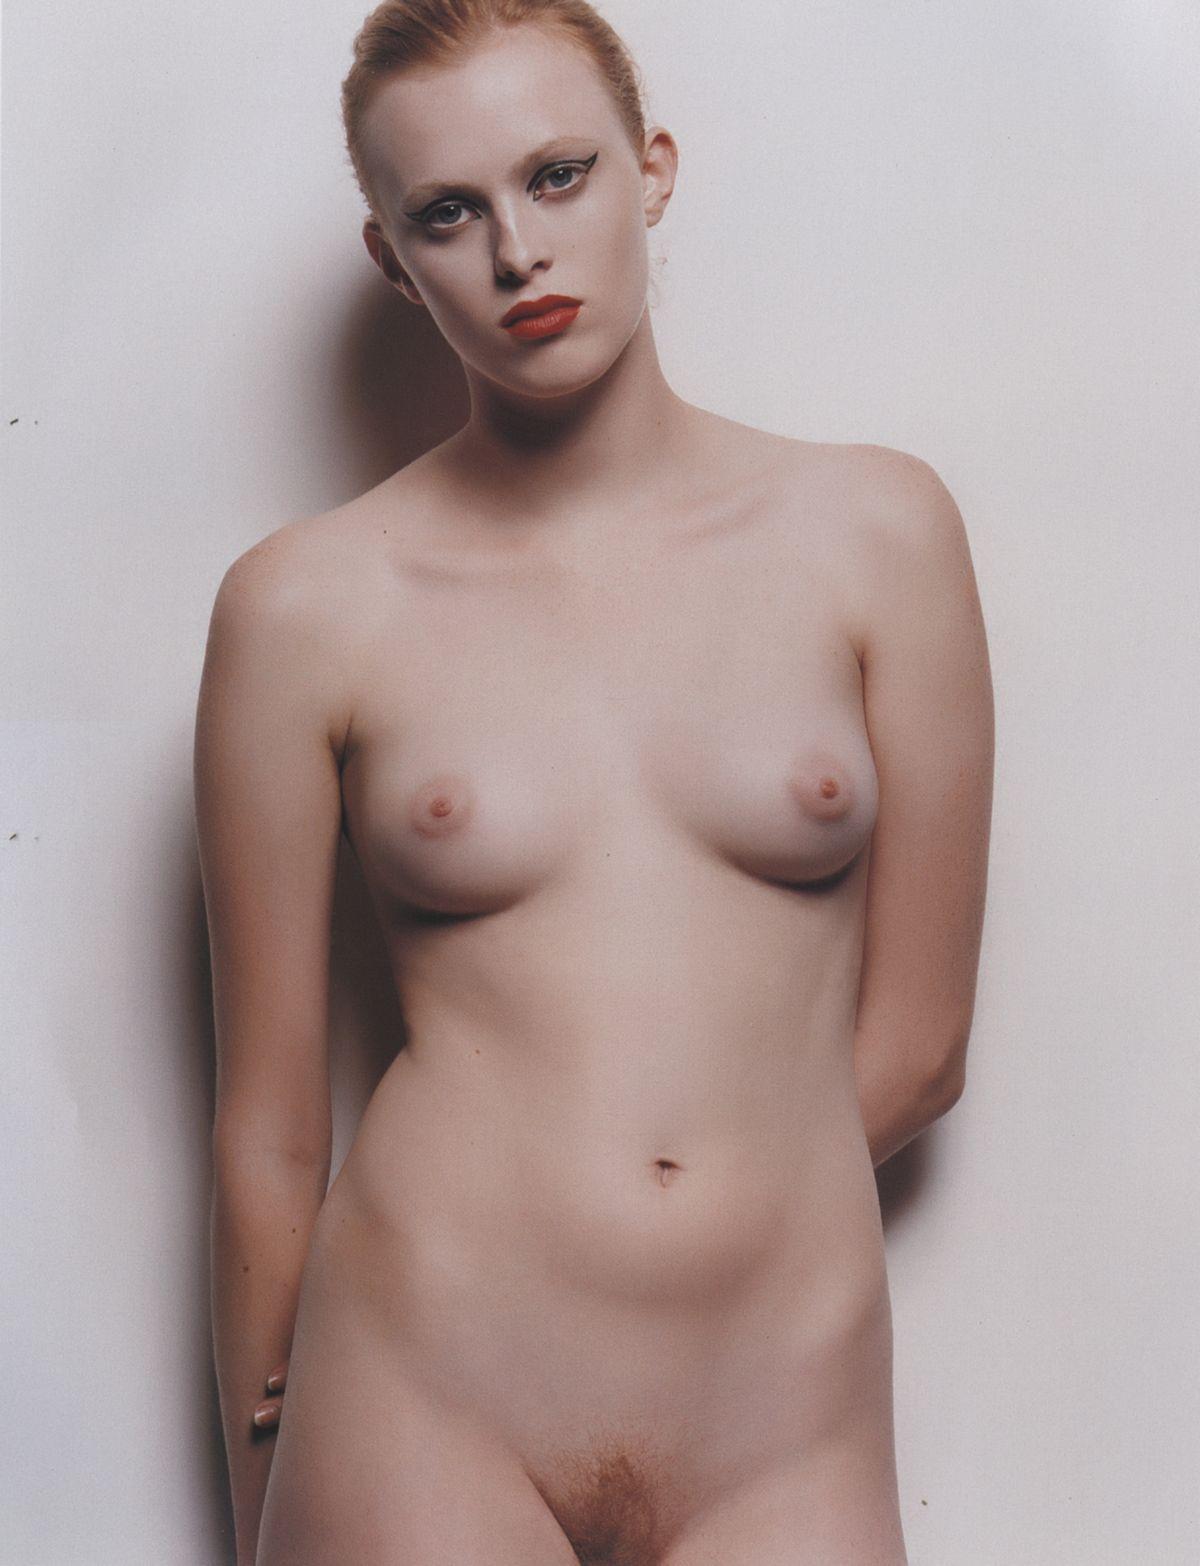 Naked Pics Of Karen Elson